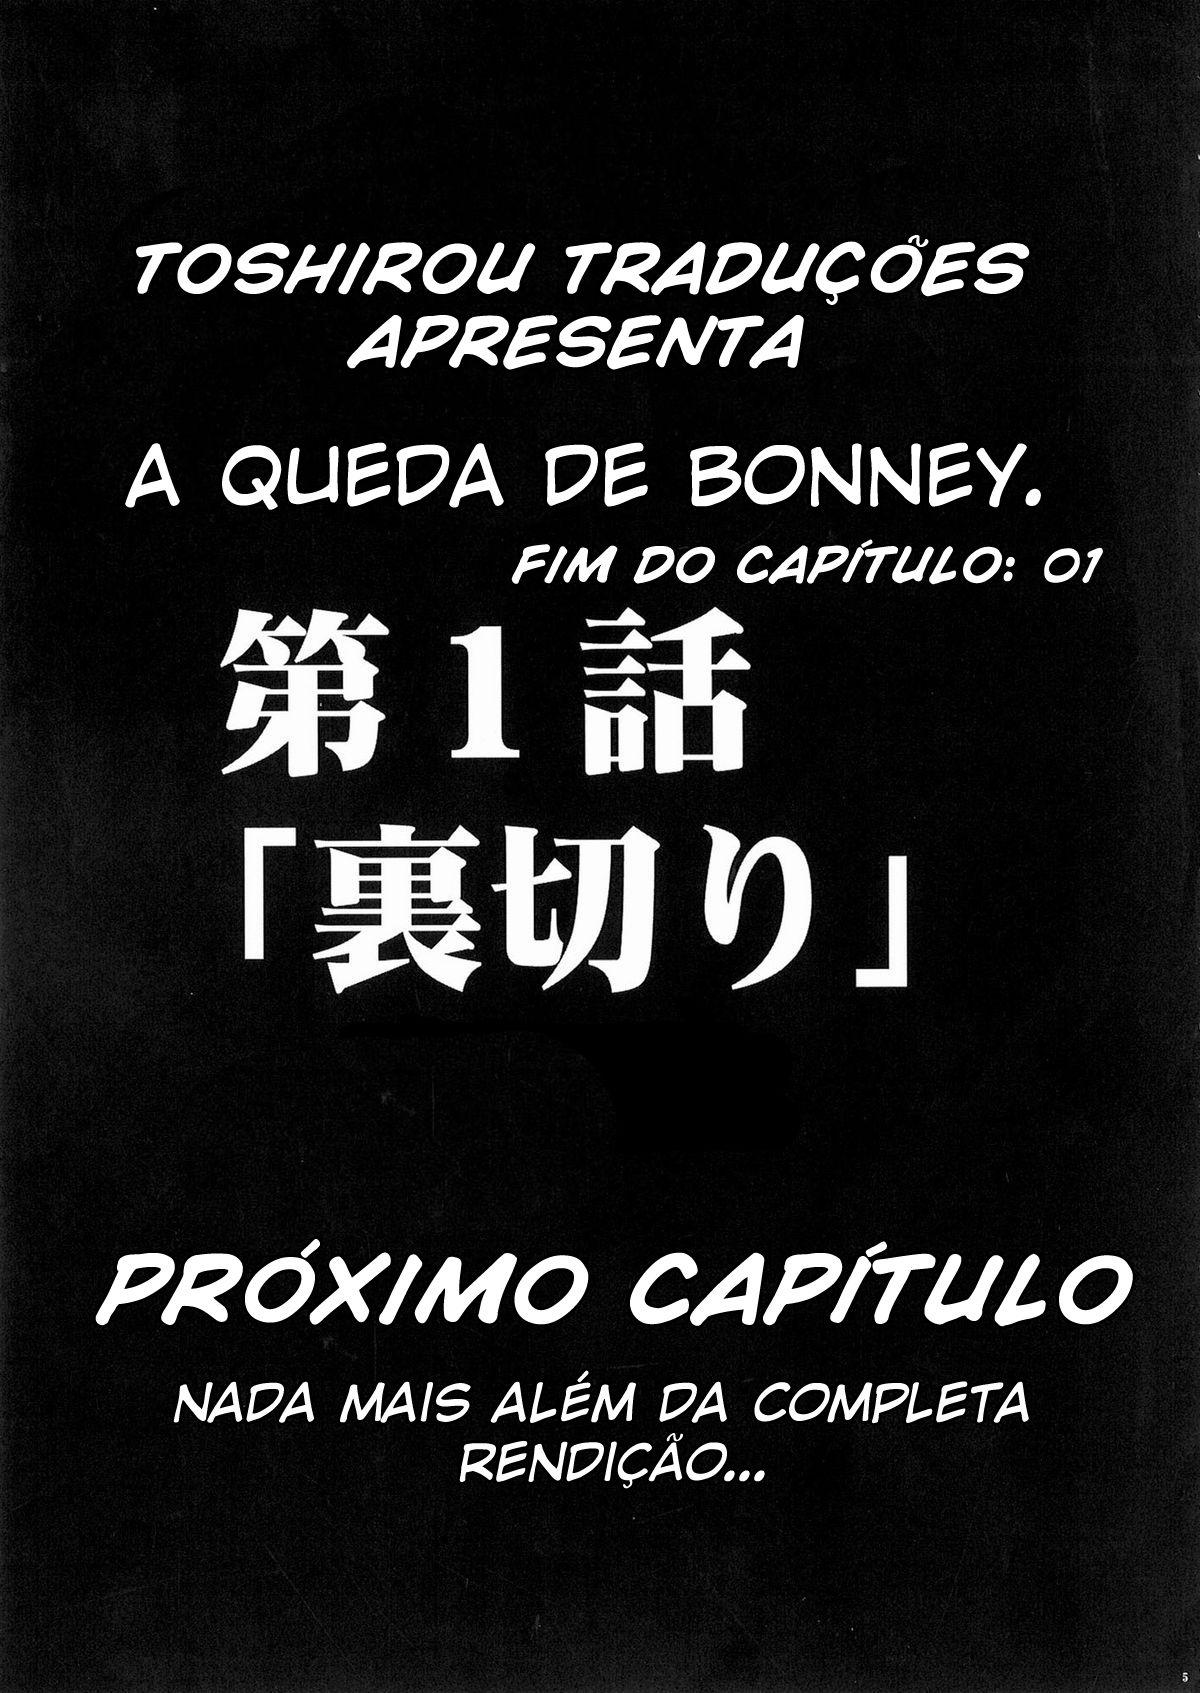 A fome de porra da Bonney